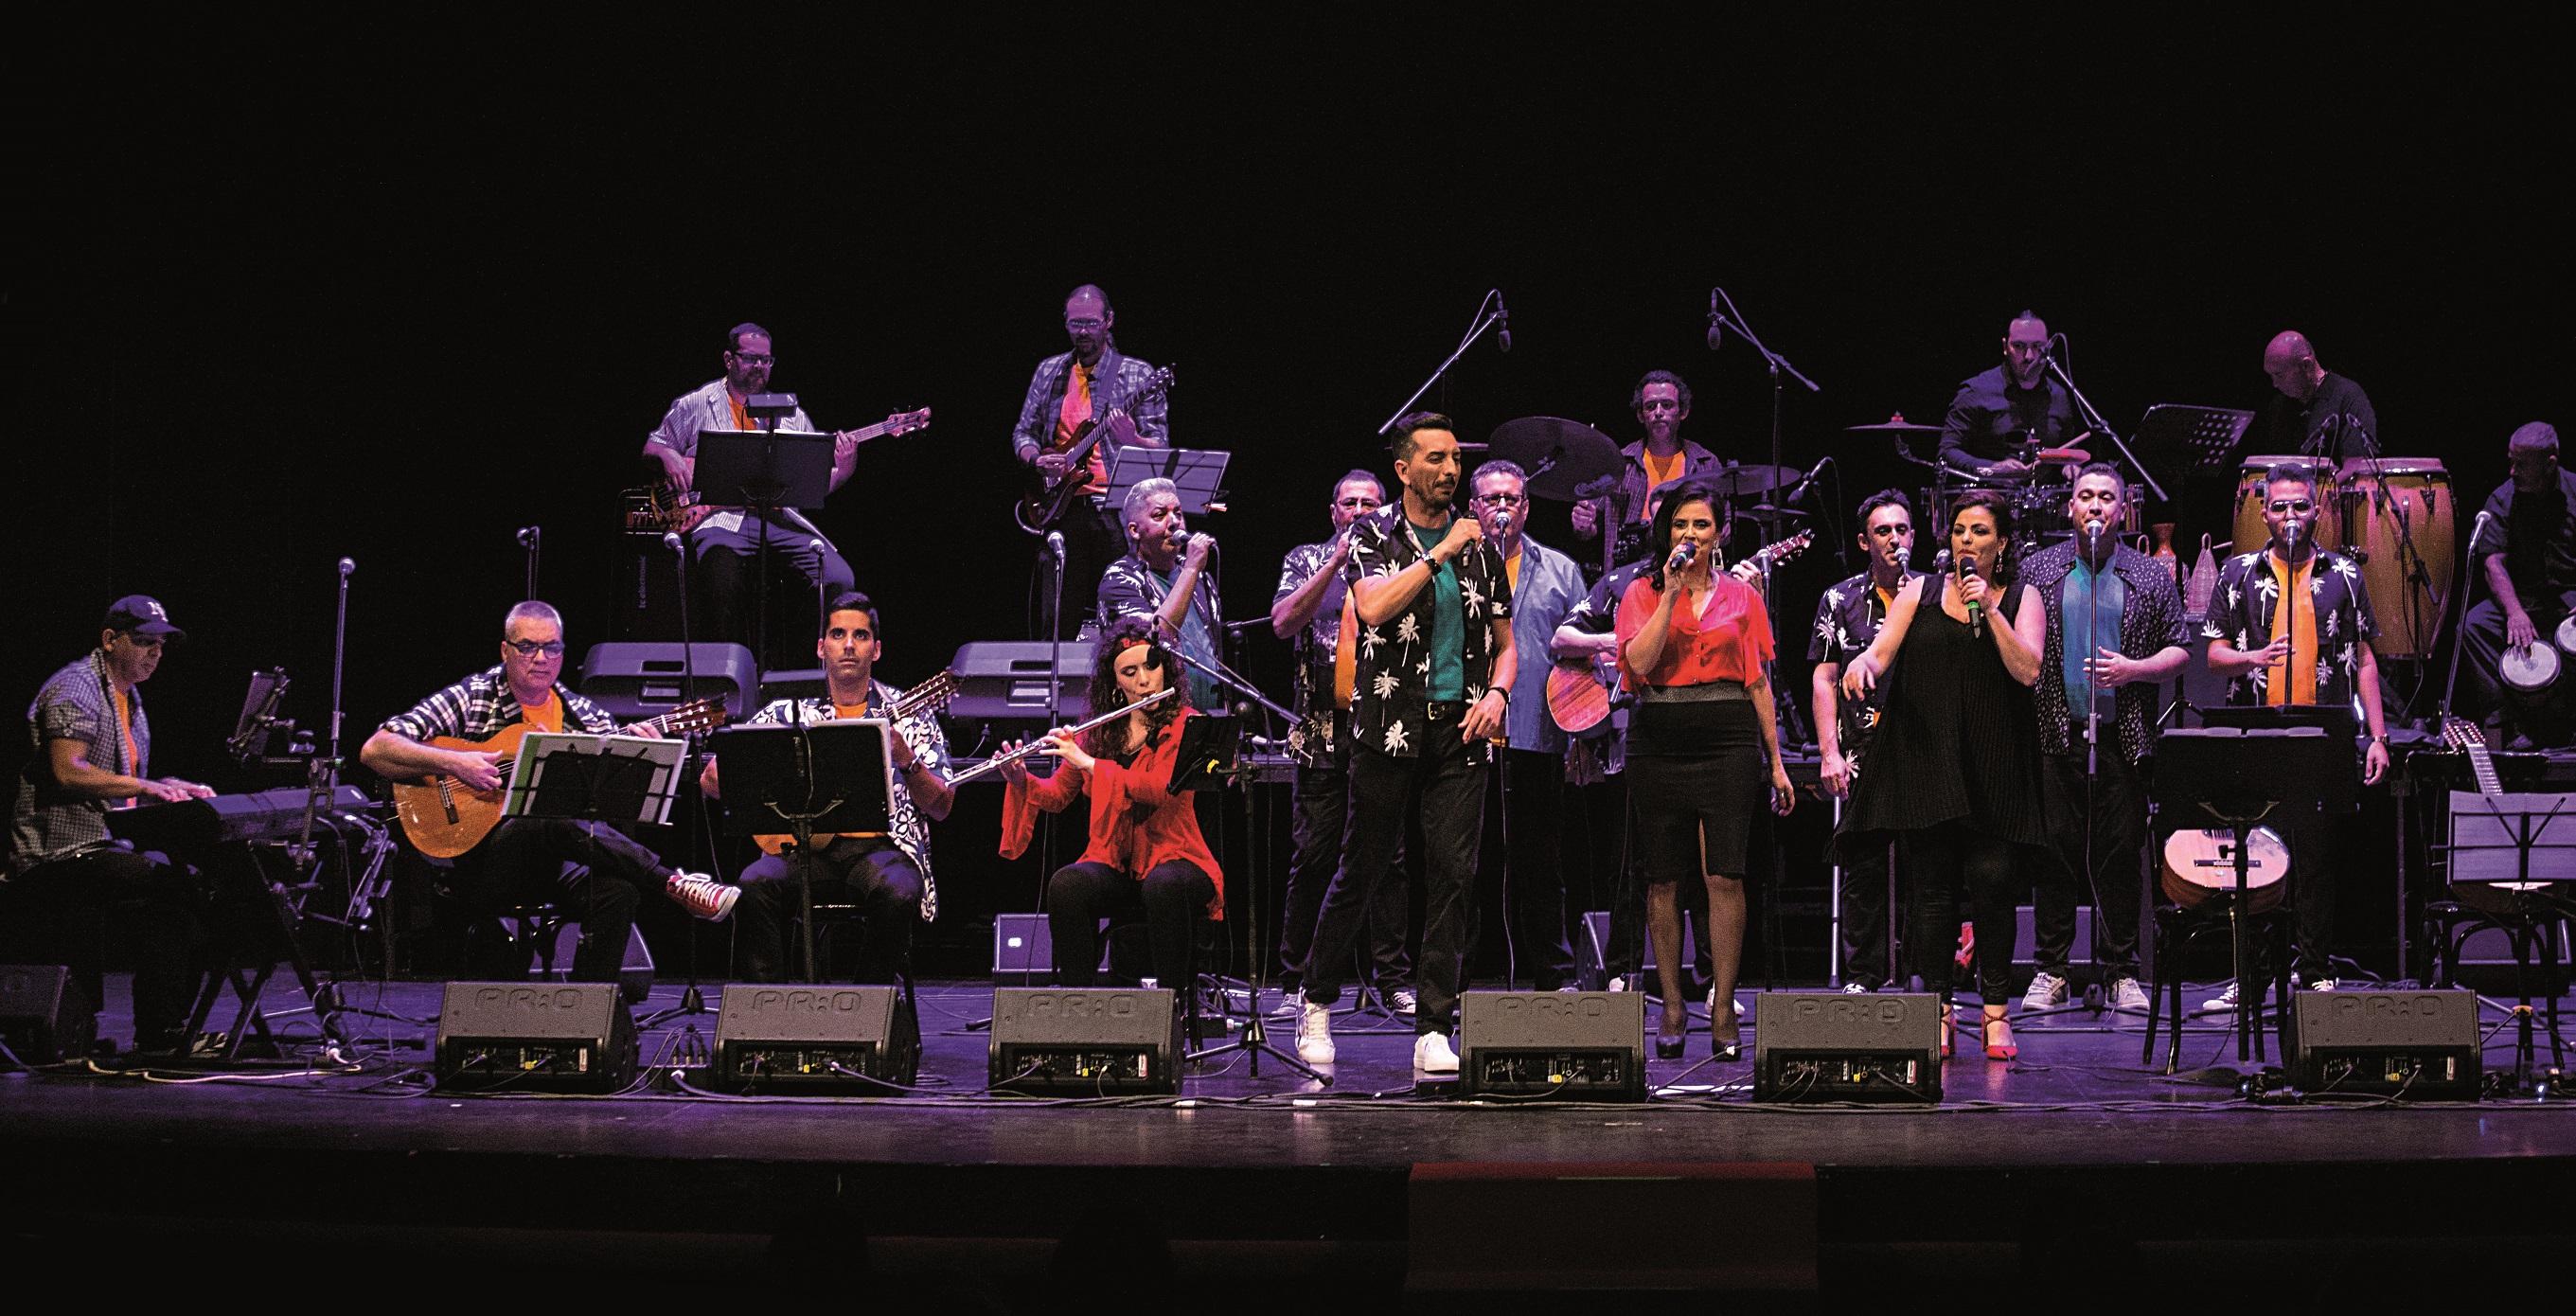 La música de Jeita despide el II Ciclo Folk en la Fundación